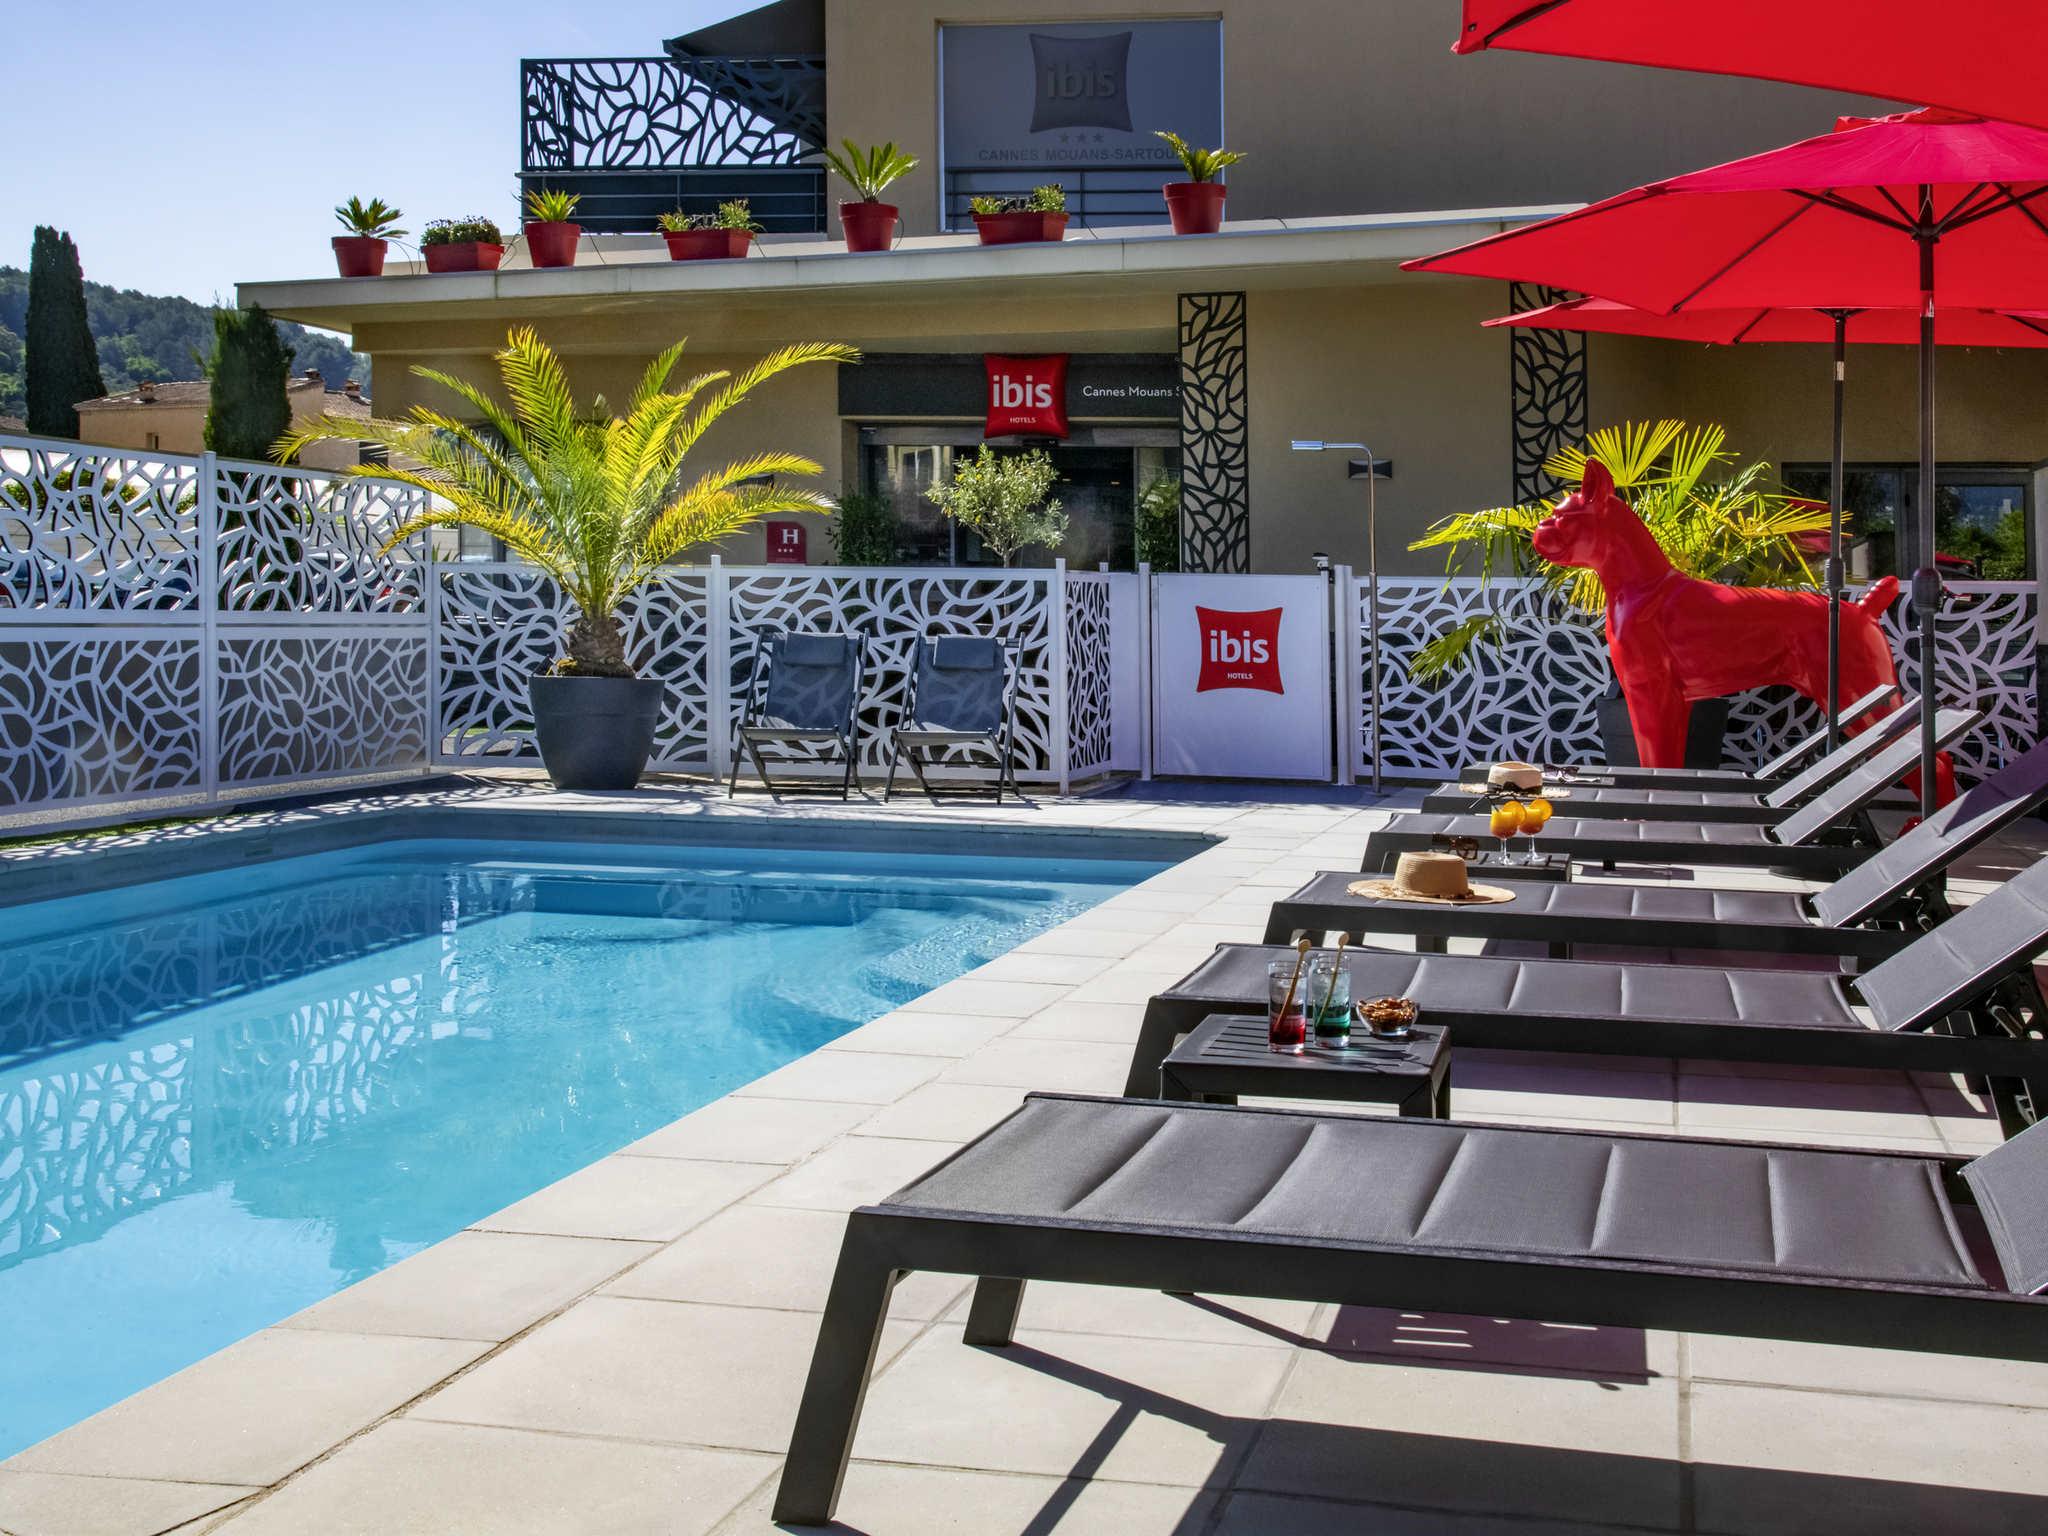 Hotel - ibis Cannes Mouans Sartoux